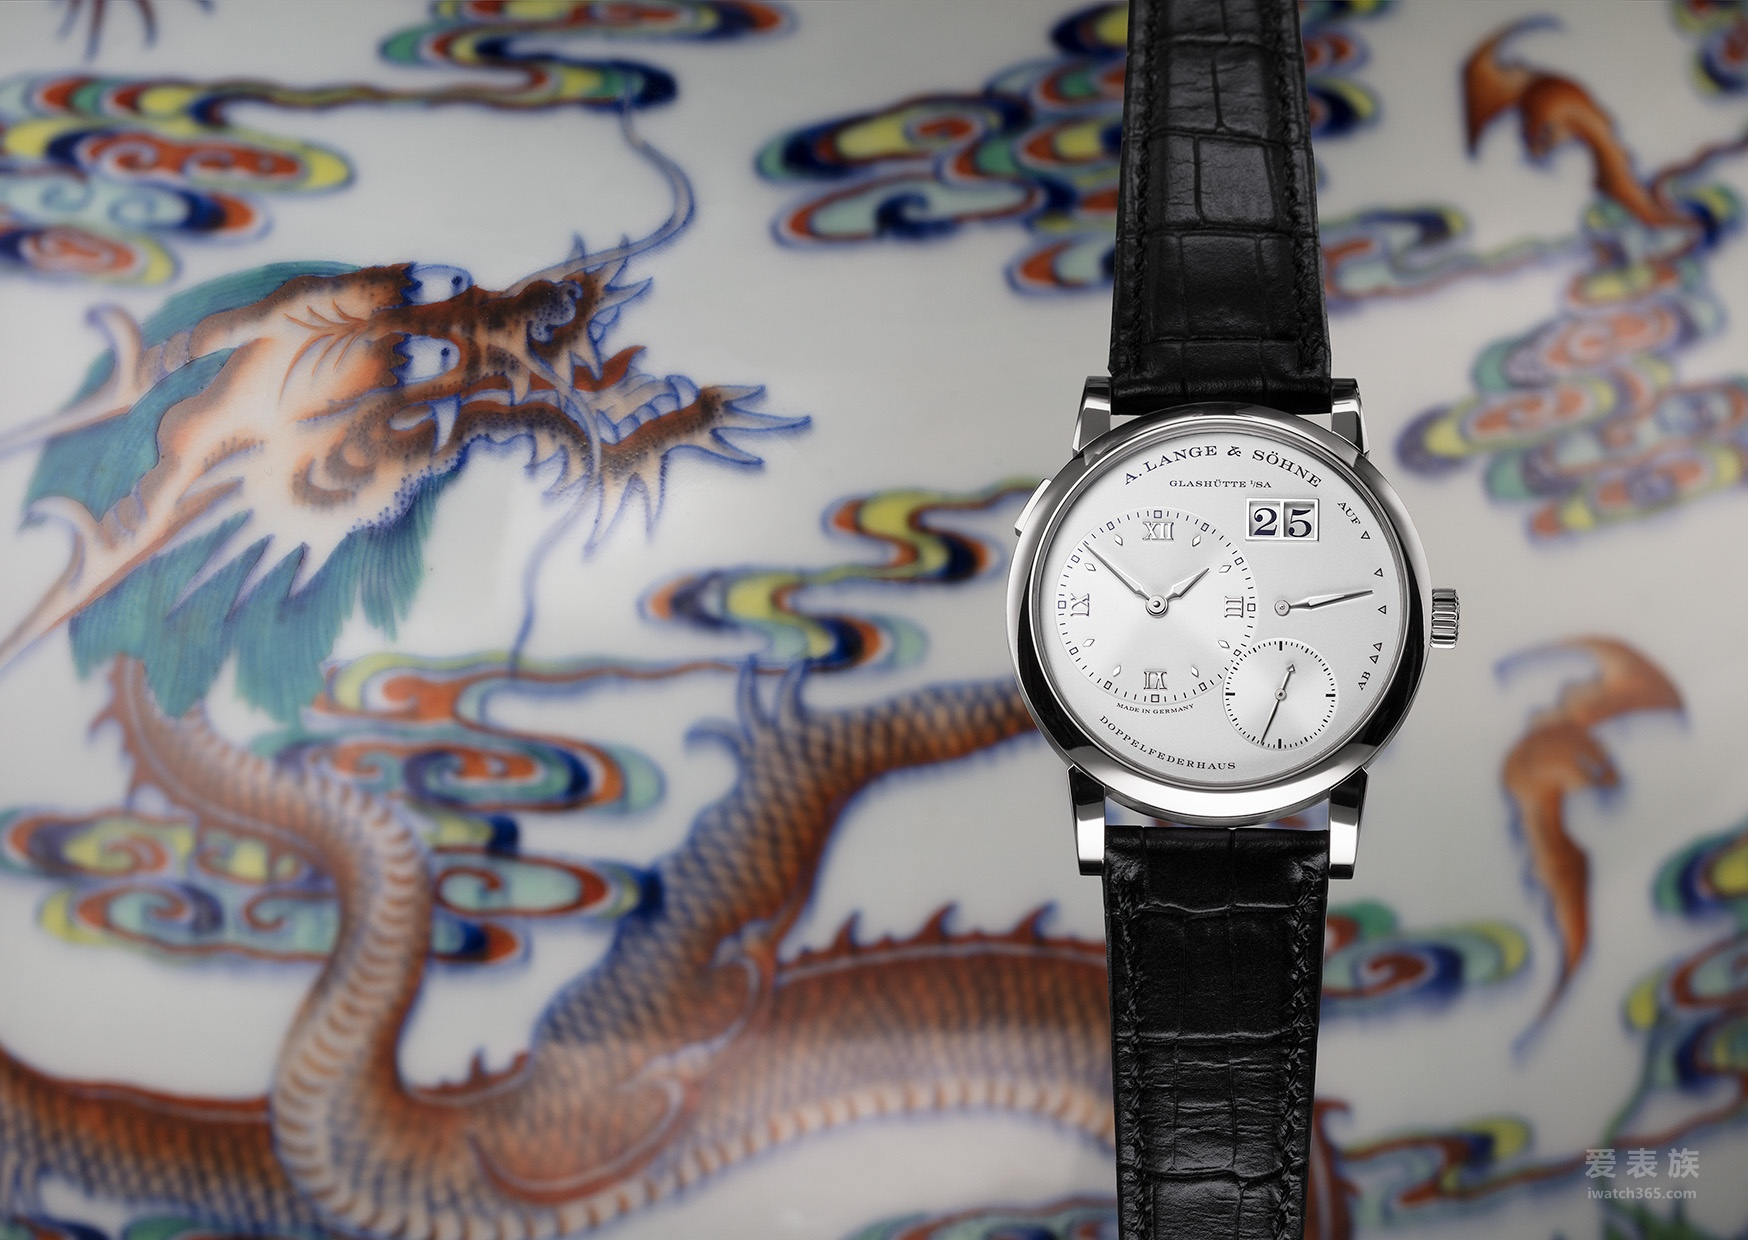 源自萨克森的大师级作品---朗格腕表与来自世界各地的工艺珍品首度一同亮相